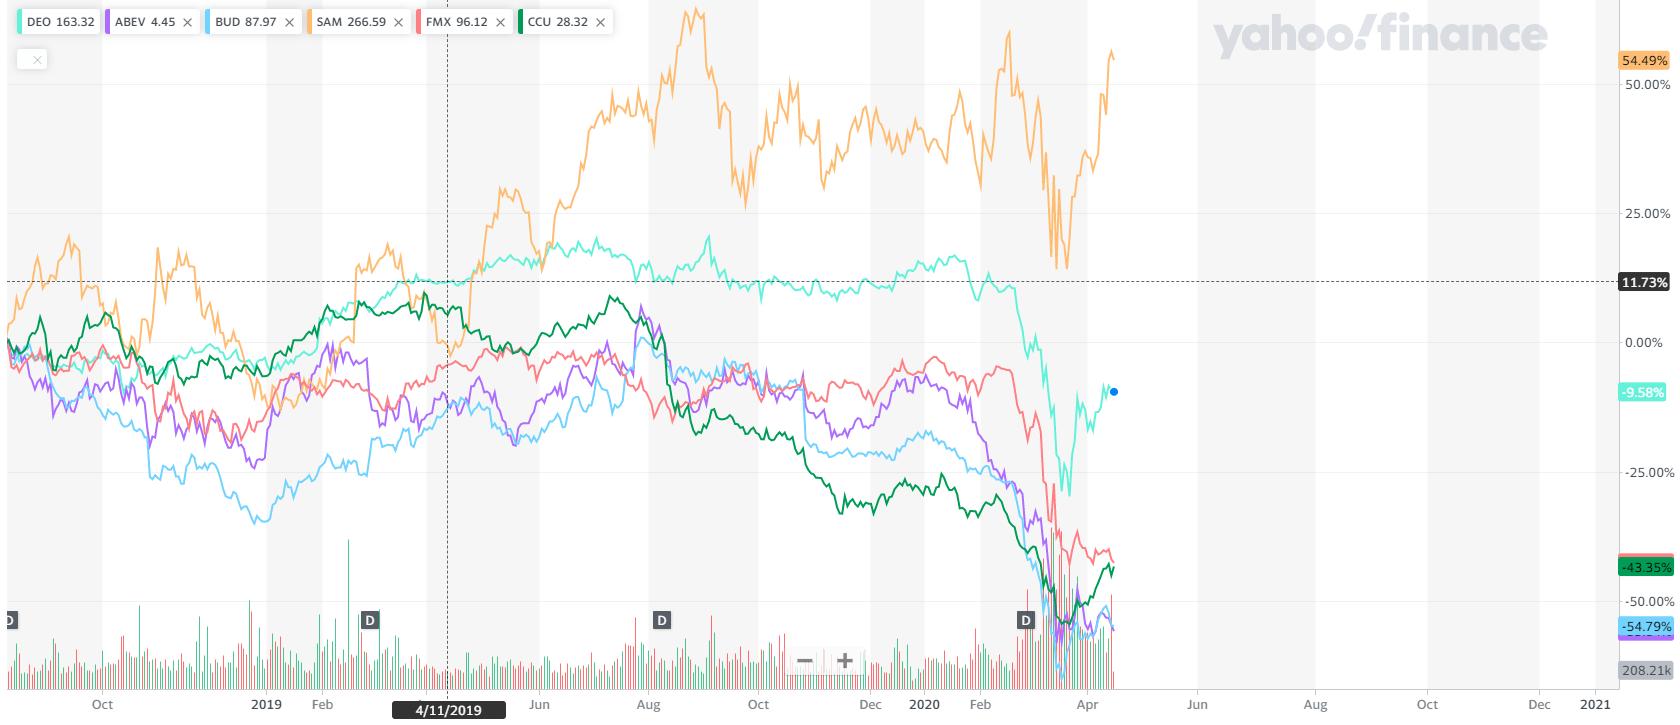 Динамика цен акций пивных компаний